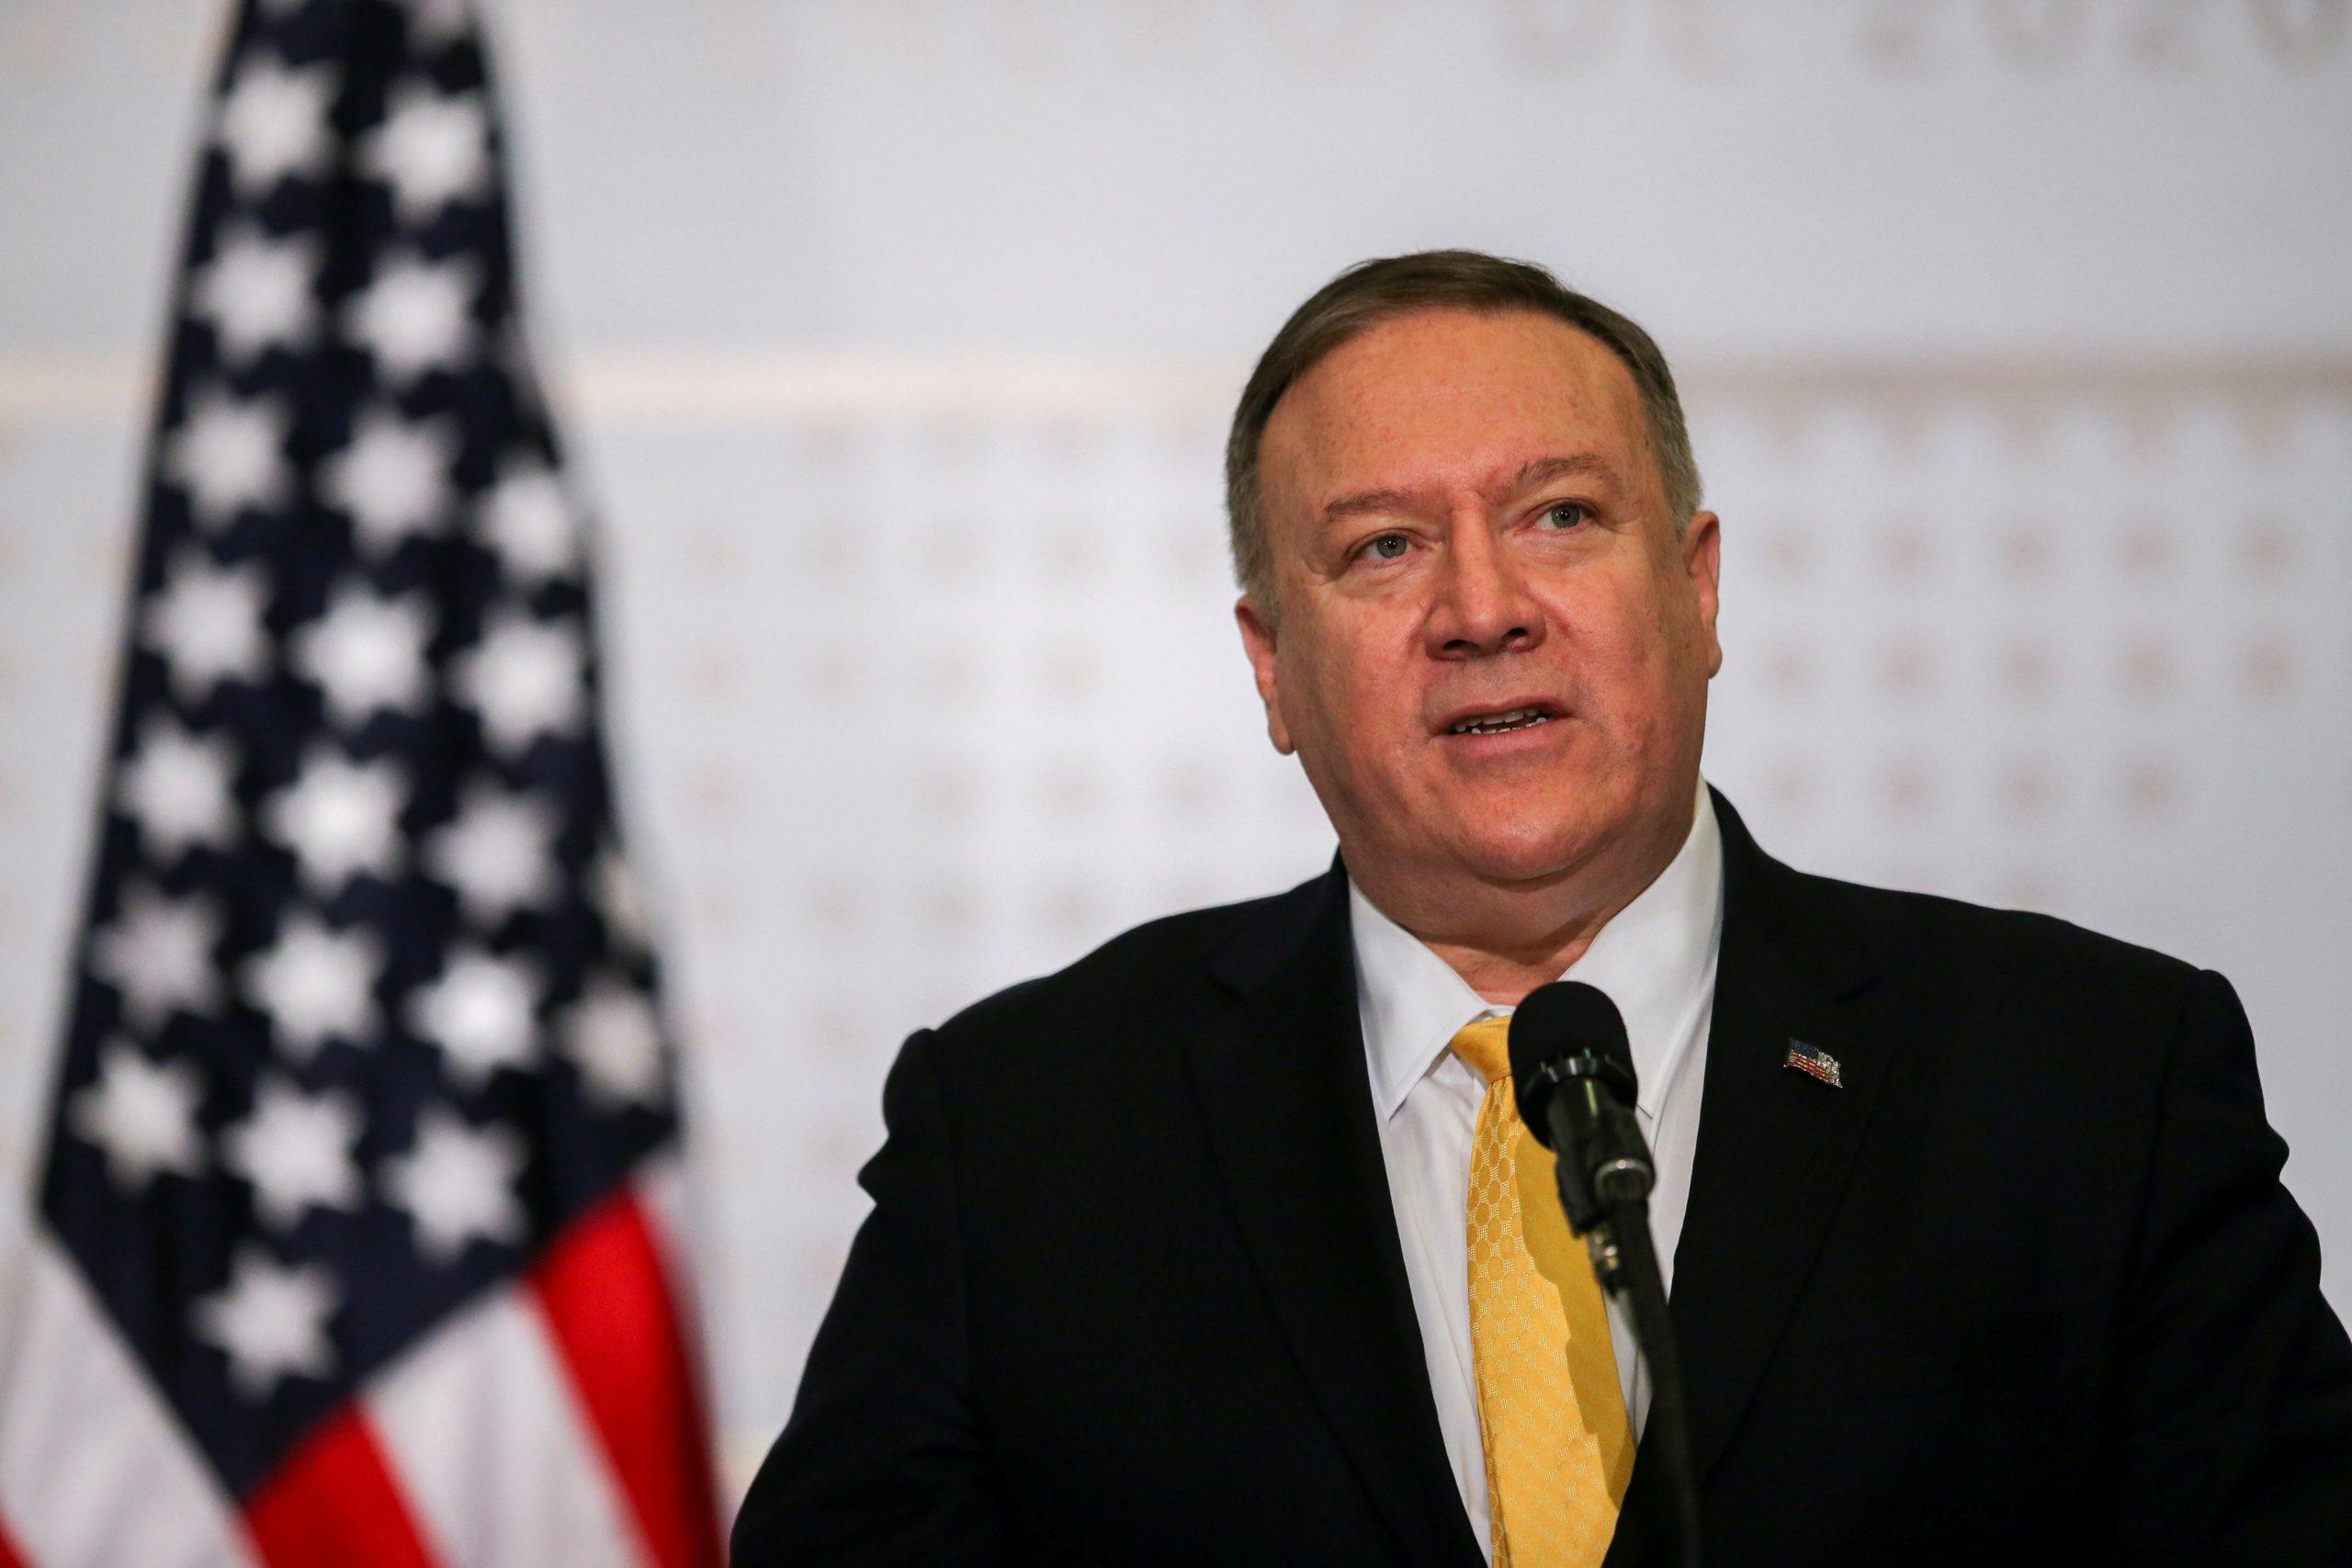 ABD, İran'a yönelik silah ambargosunun uzatılmasını istedi